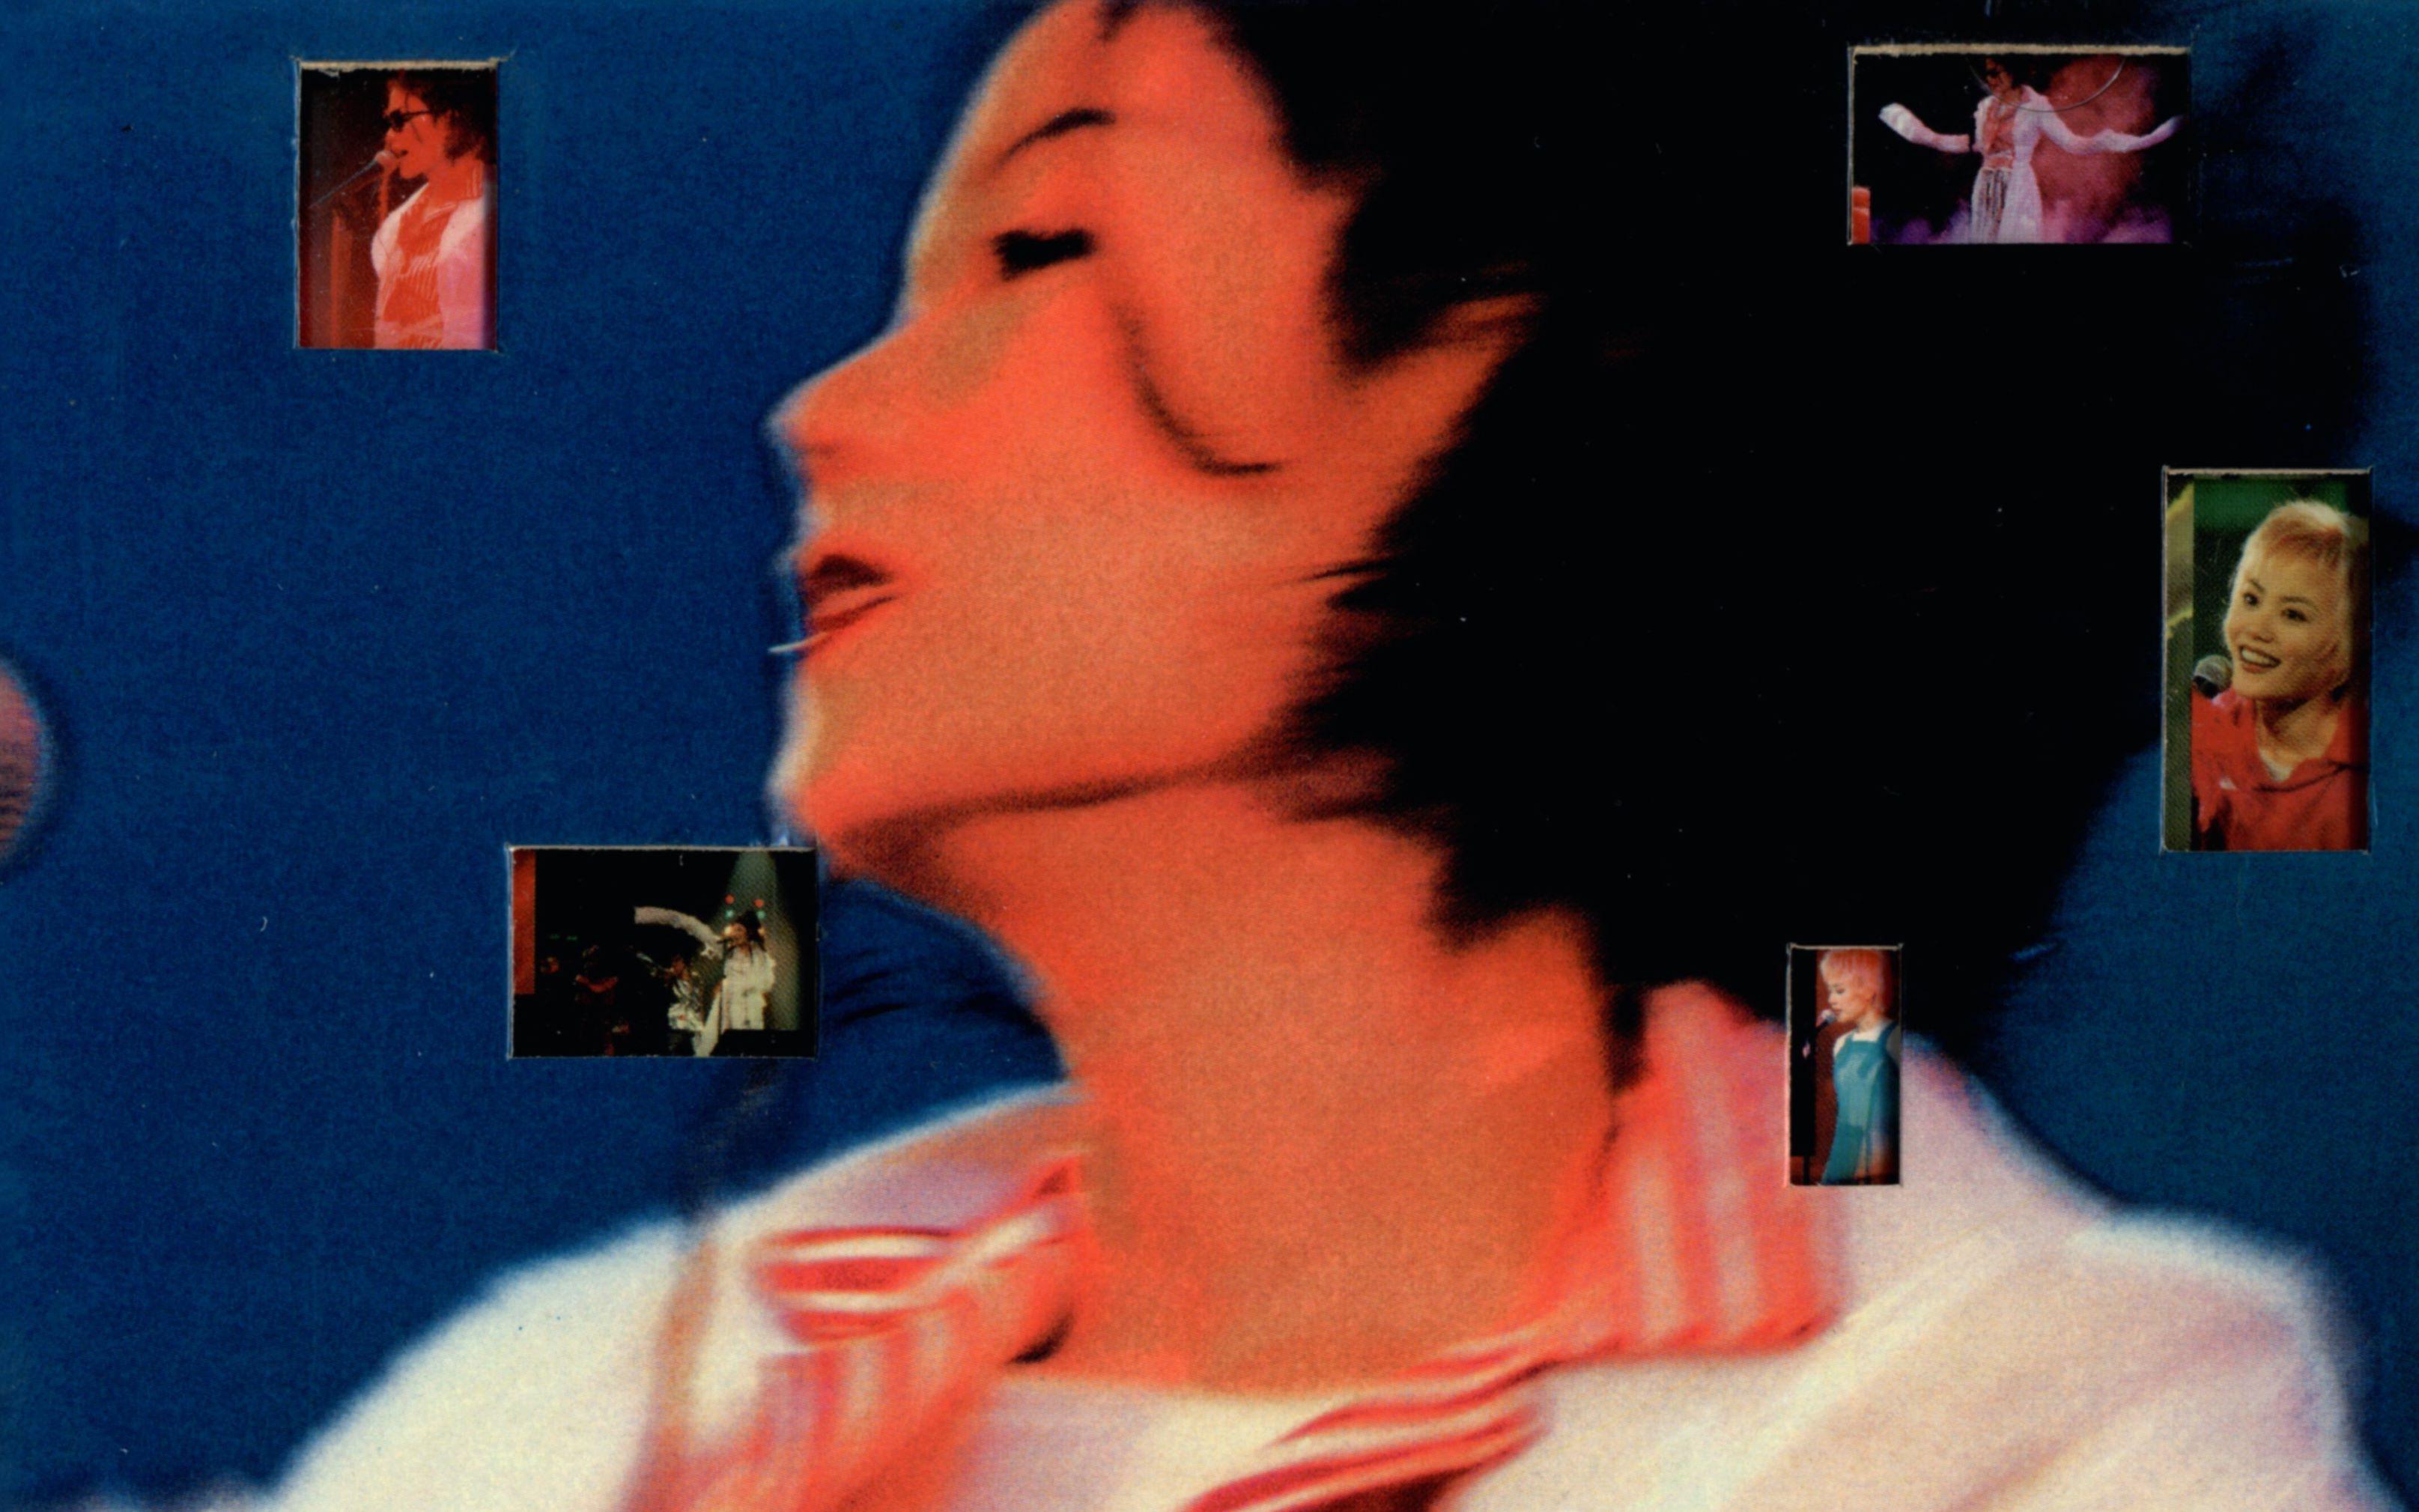 1994 王菲最精彩的演唱會|Faye Wong Live in Concert P.1(1995.視聽版 LD-新藝寶)_嗶哩嗶哩 (゜-゜)つロ 干杯~-bilibili